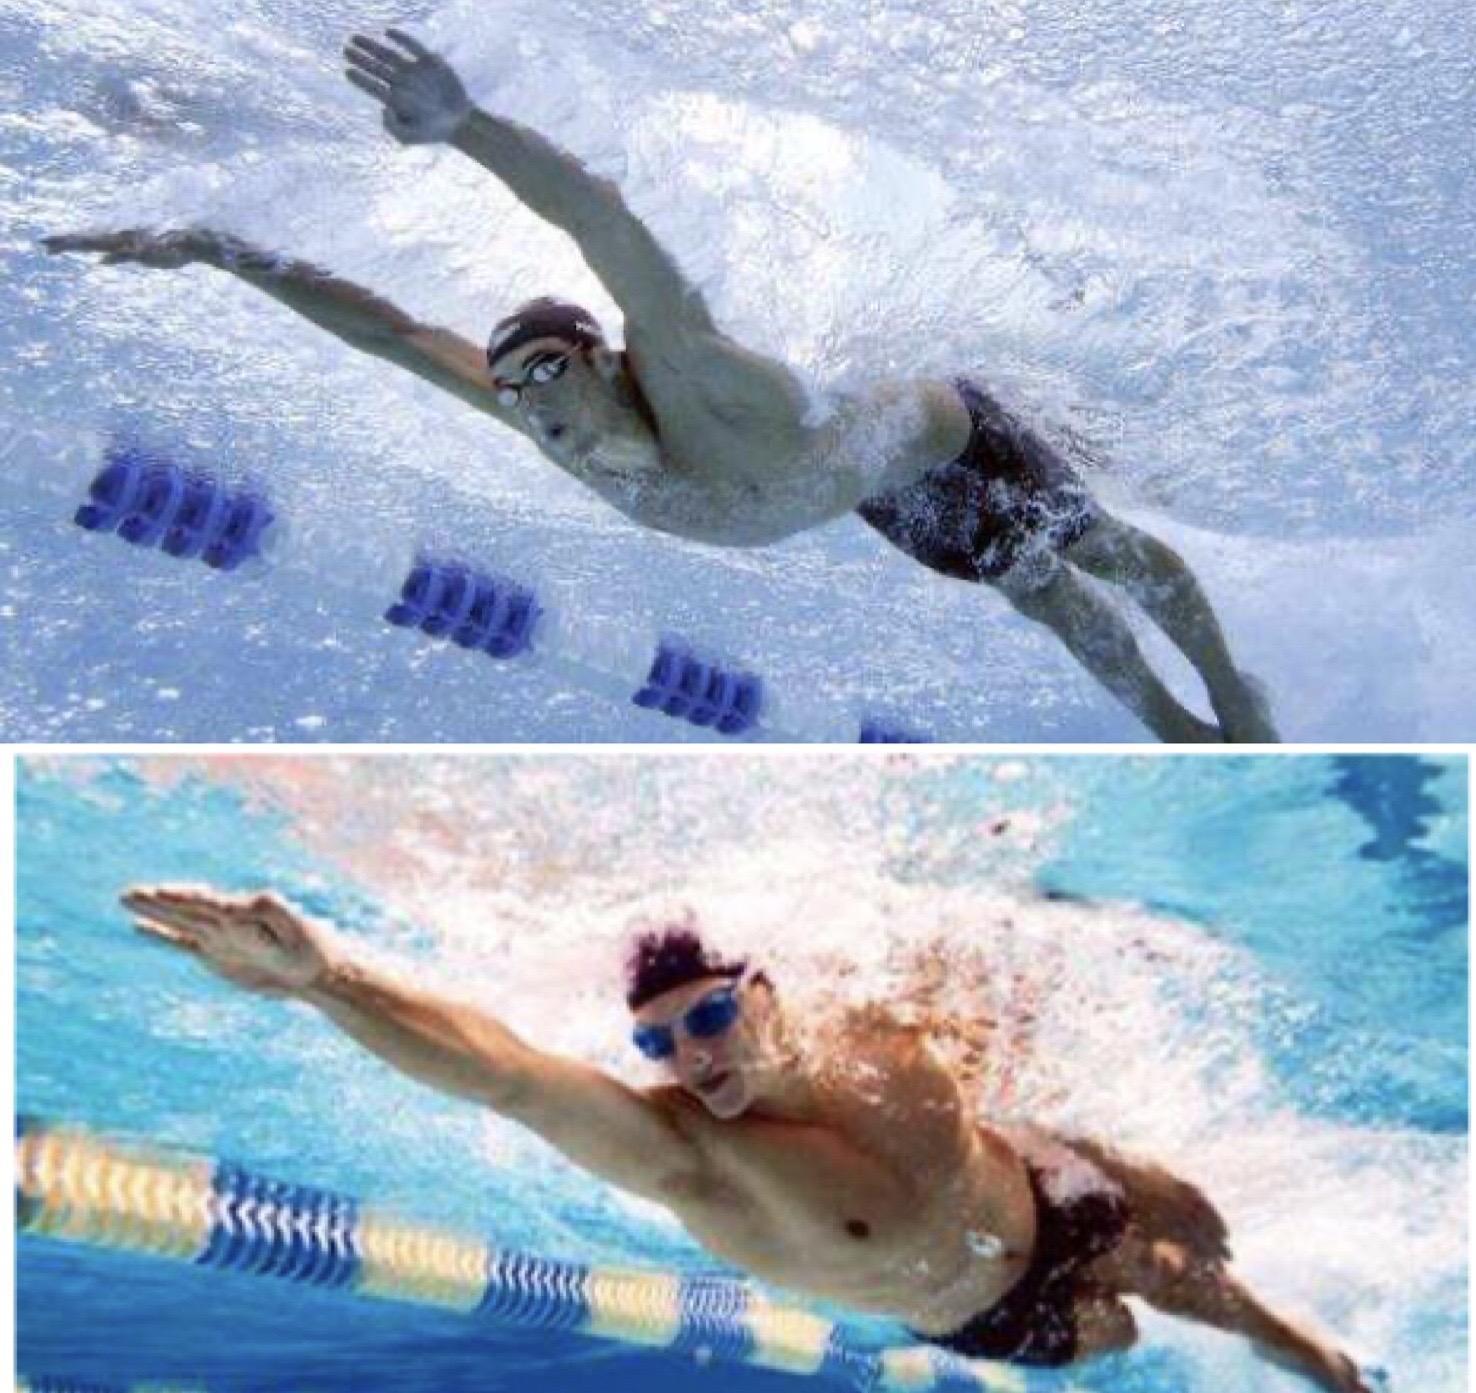 蝶泳劃手是「蛙泳+自由泳」的結合?有怎樣的自由泳劃手就有怎樣的蝶泳劃手 - 知乎